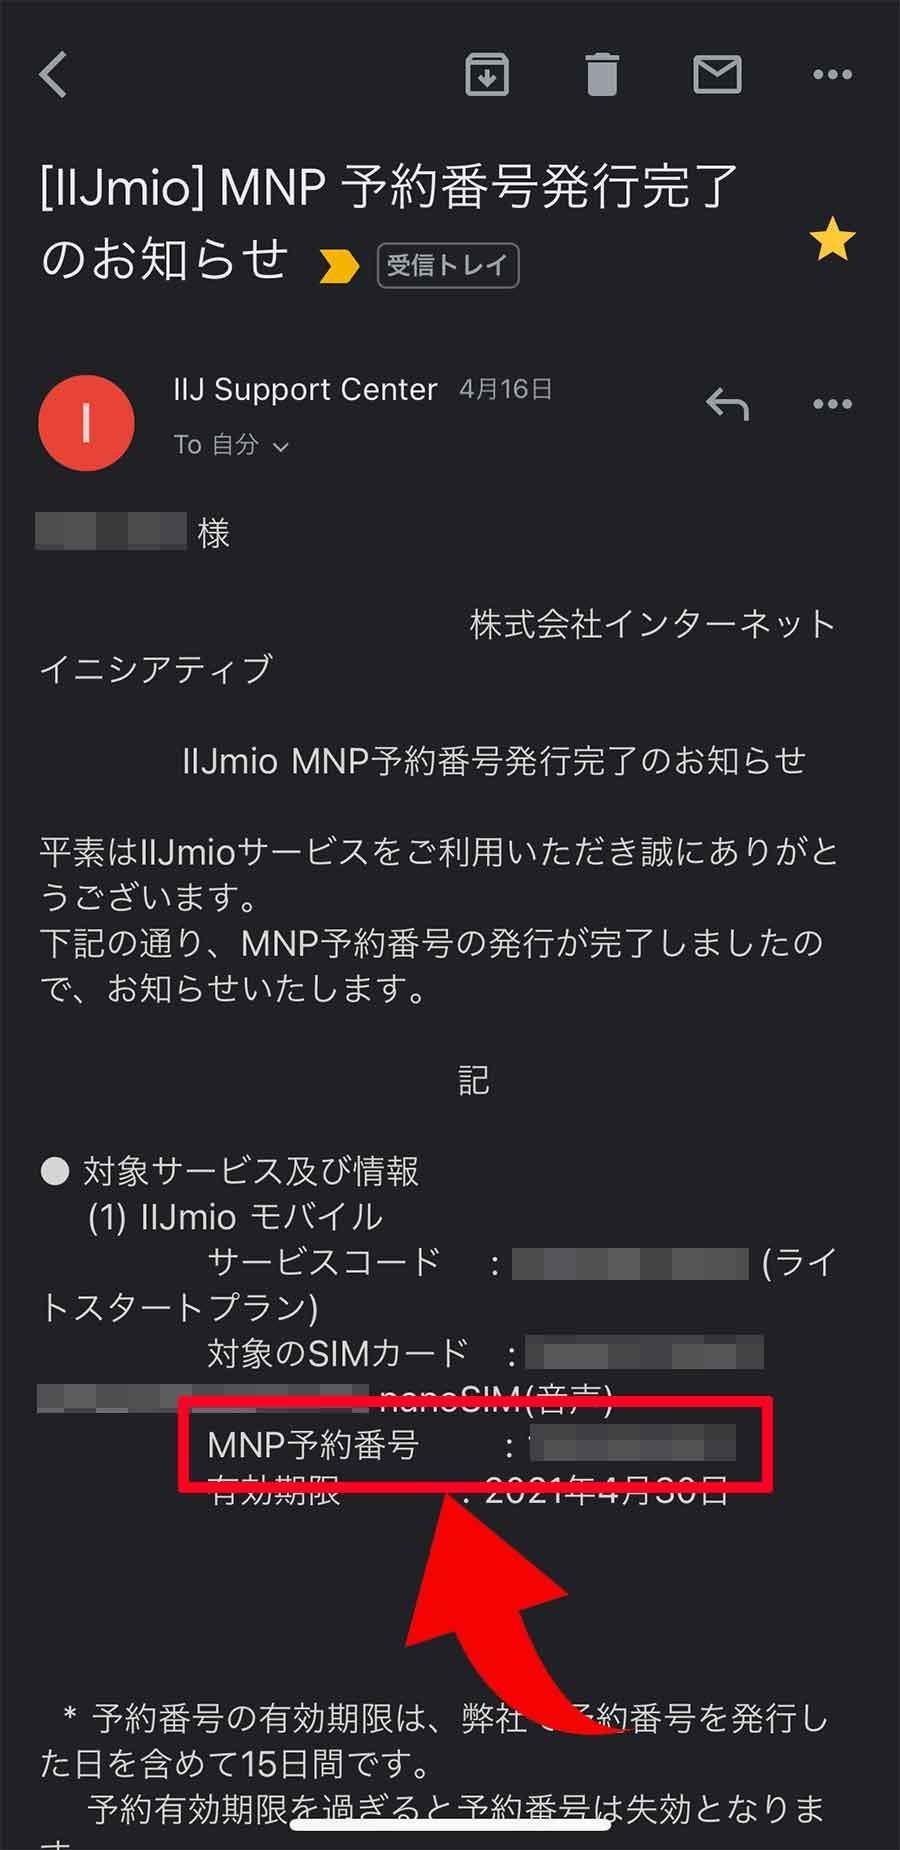 MNP予約番号が記載されたメール